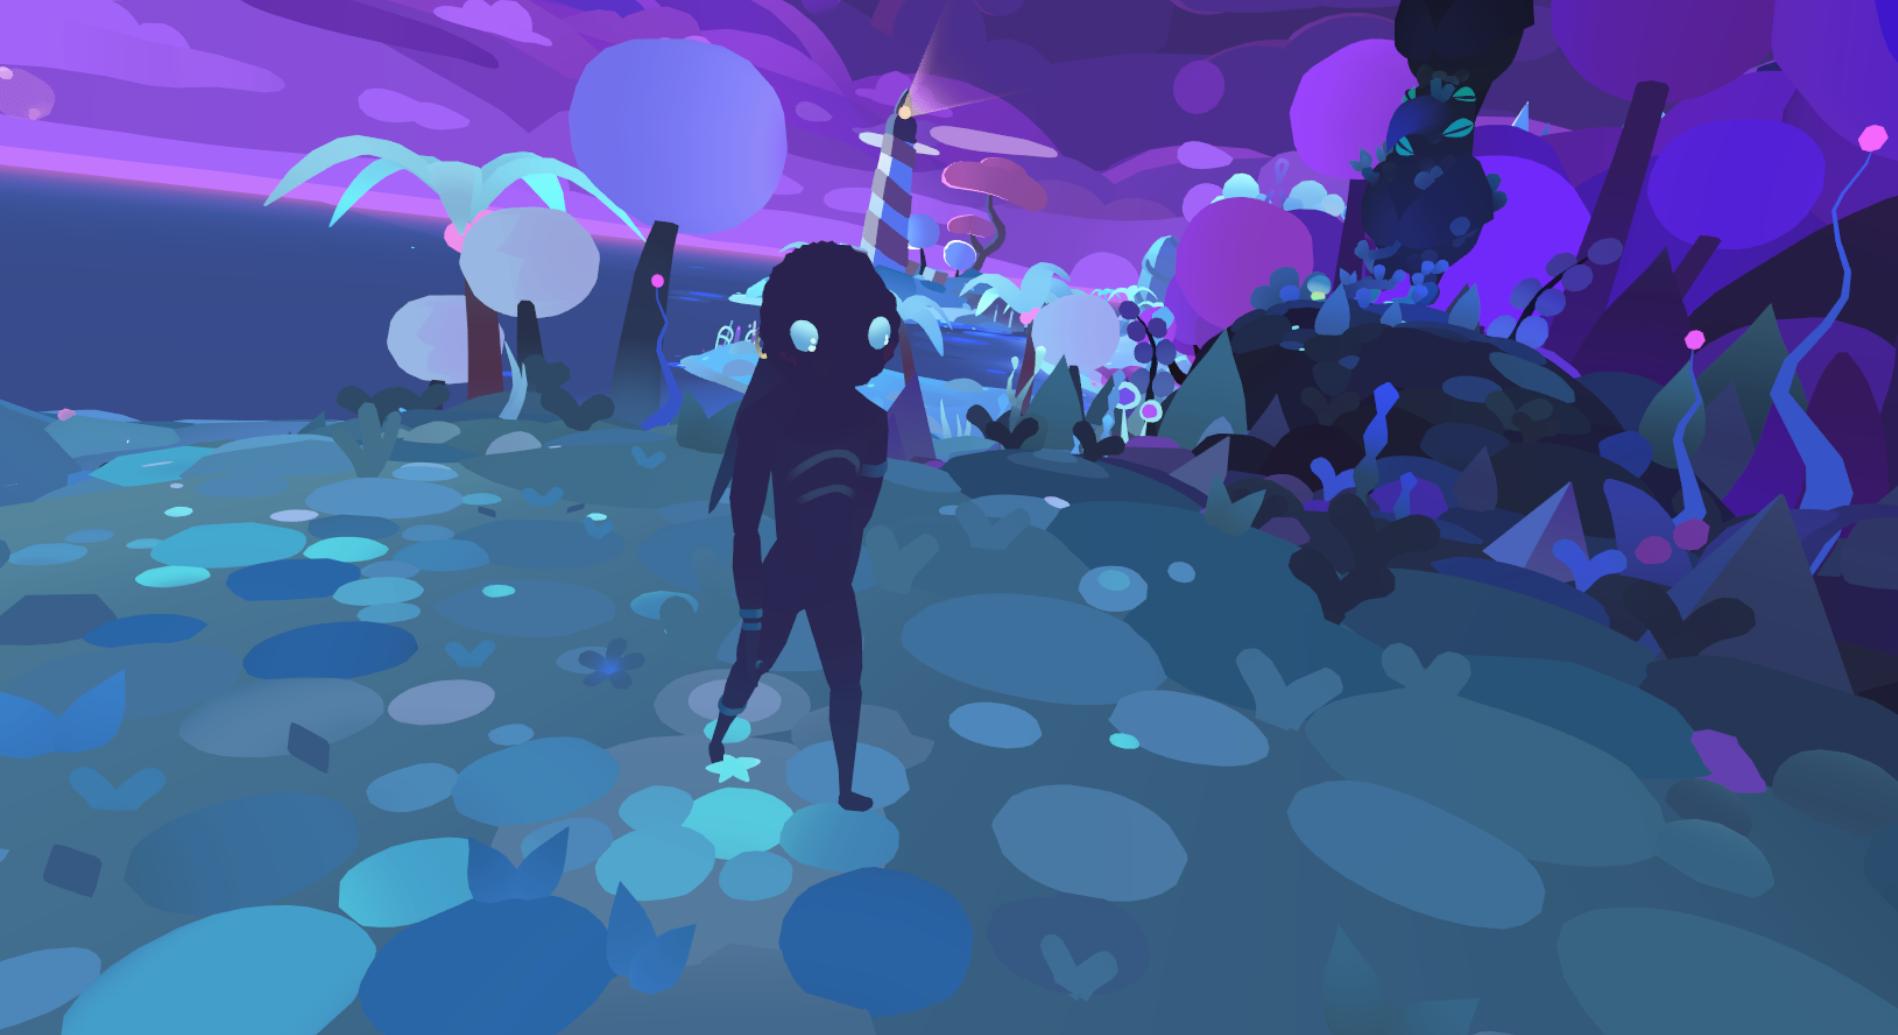 第2章『The Neon Jungle』のストーリー4